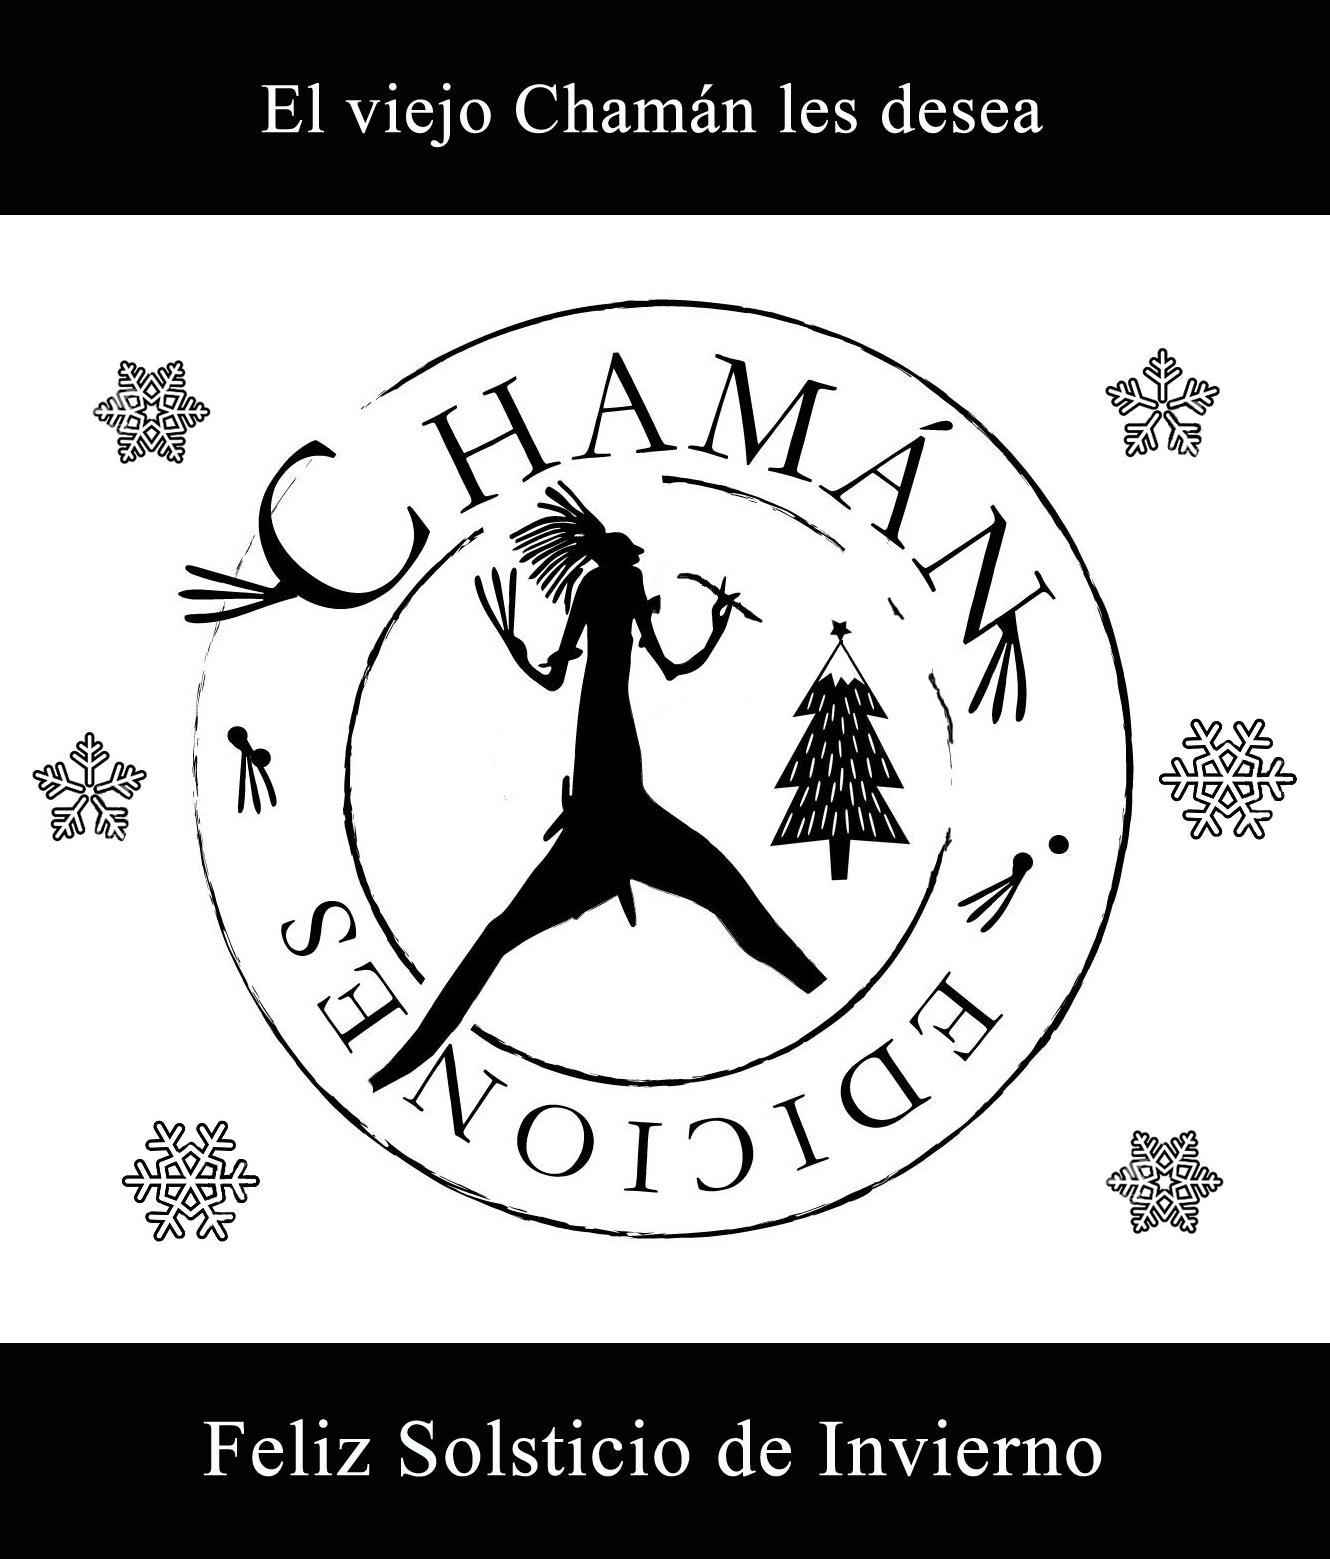 cartel invierno chamán ediciones - arbol de navidad